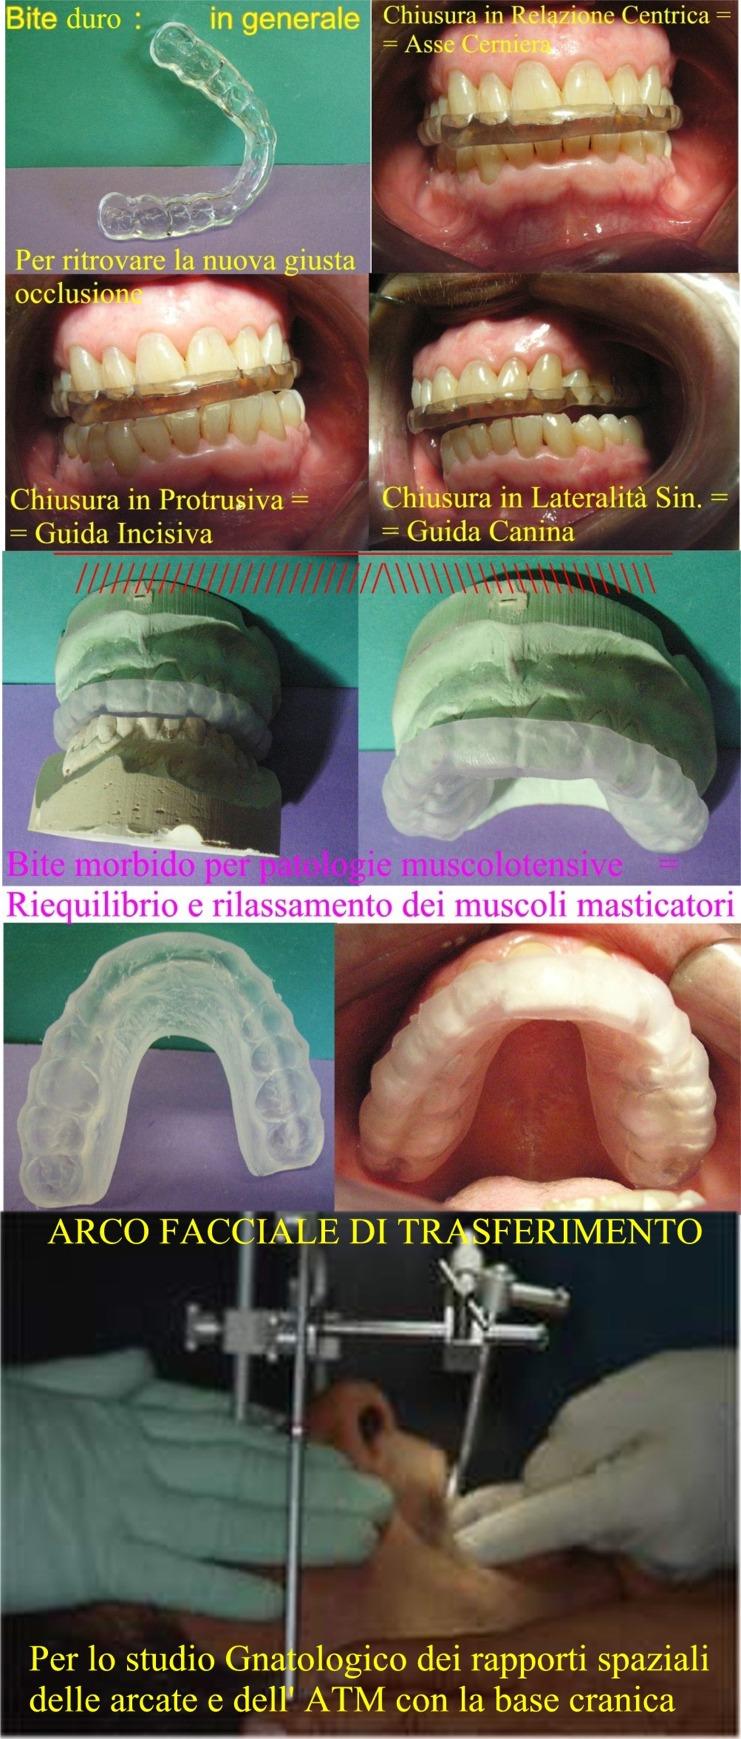 Bite e Gnatologia Dr.Gustavo Petti Cagliari